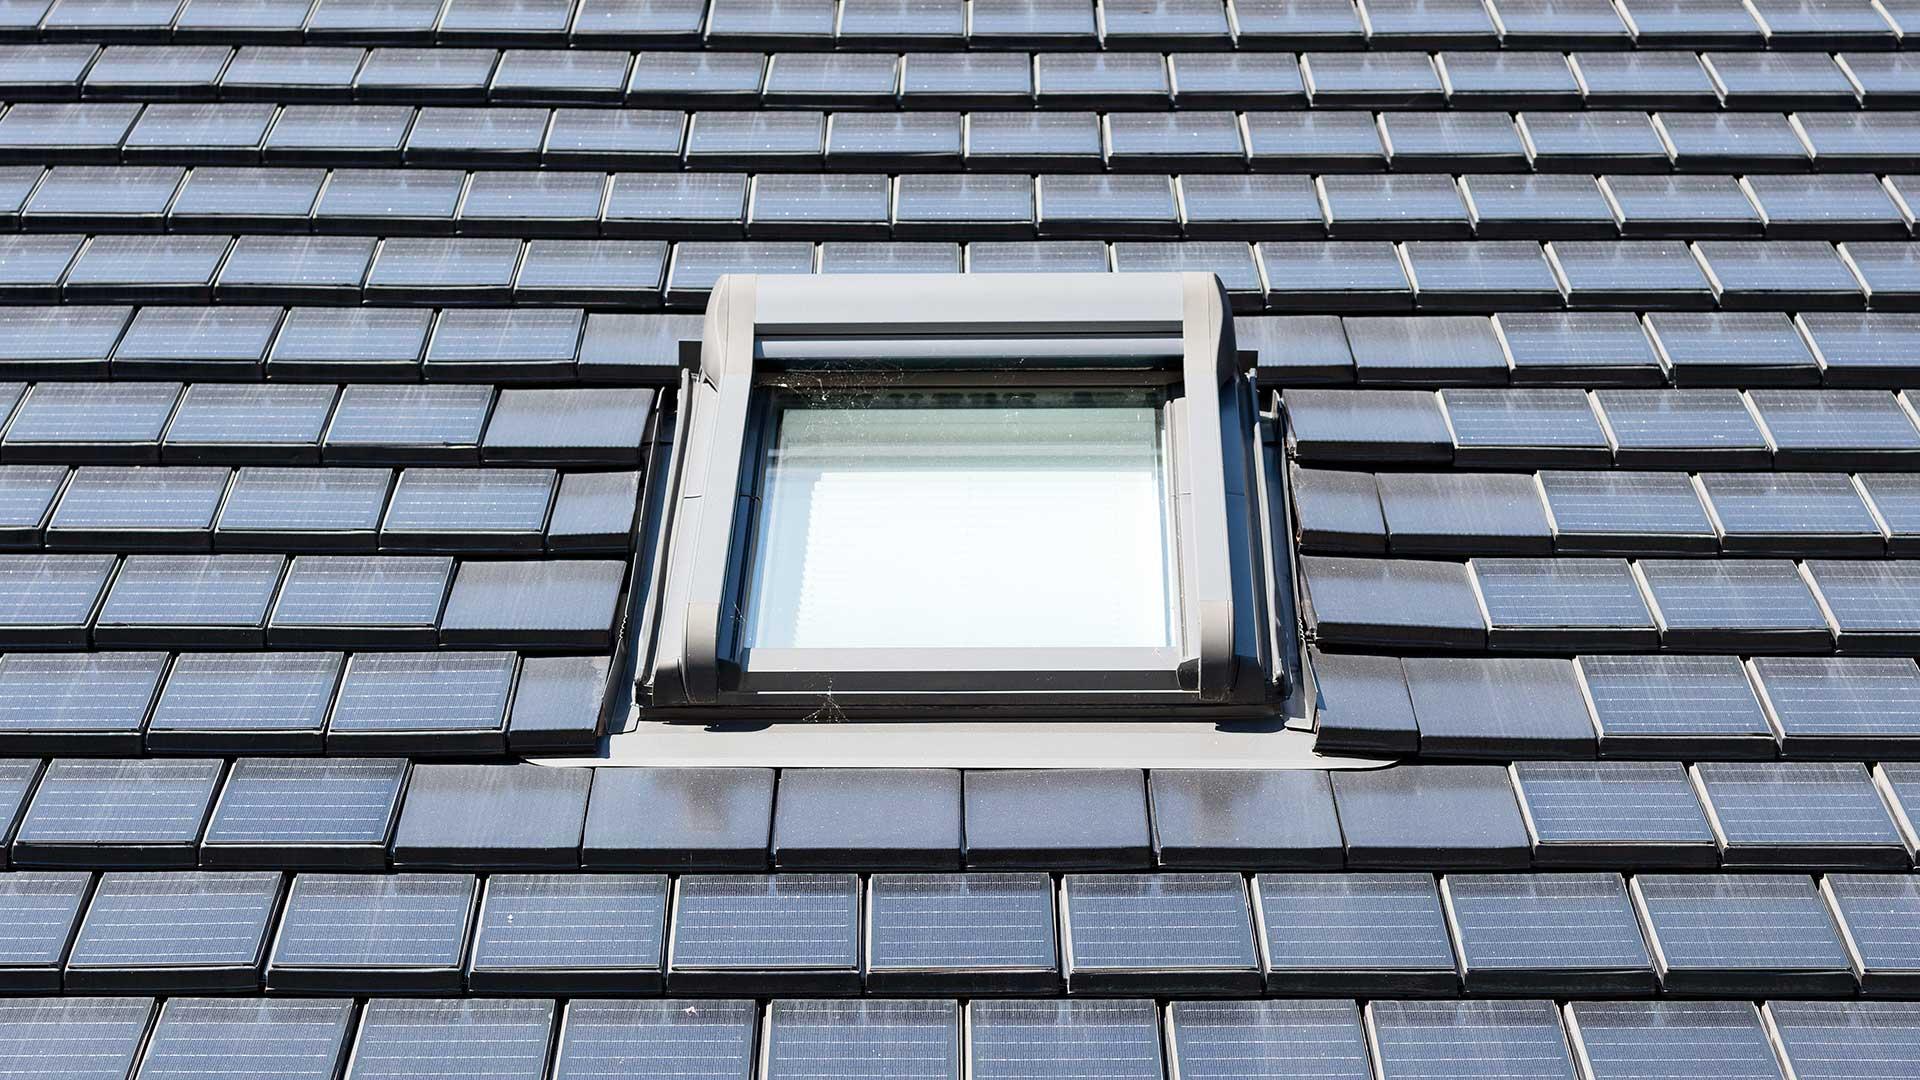 Architekturfotografie: Dach, Dachfenster | Foto: Dieter Eikenberg, imprints